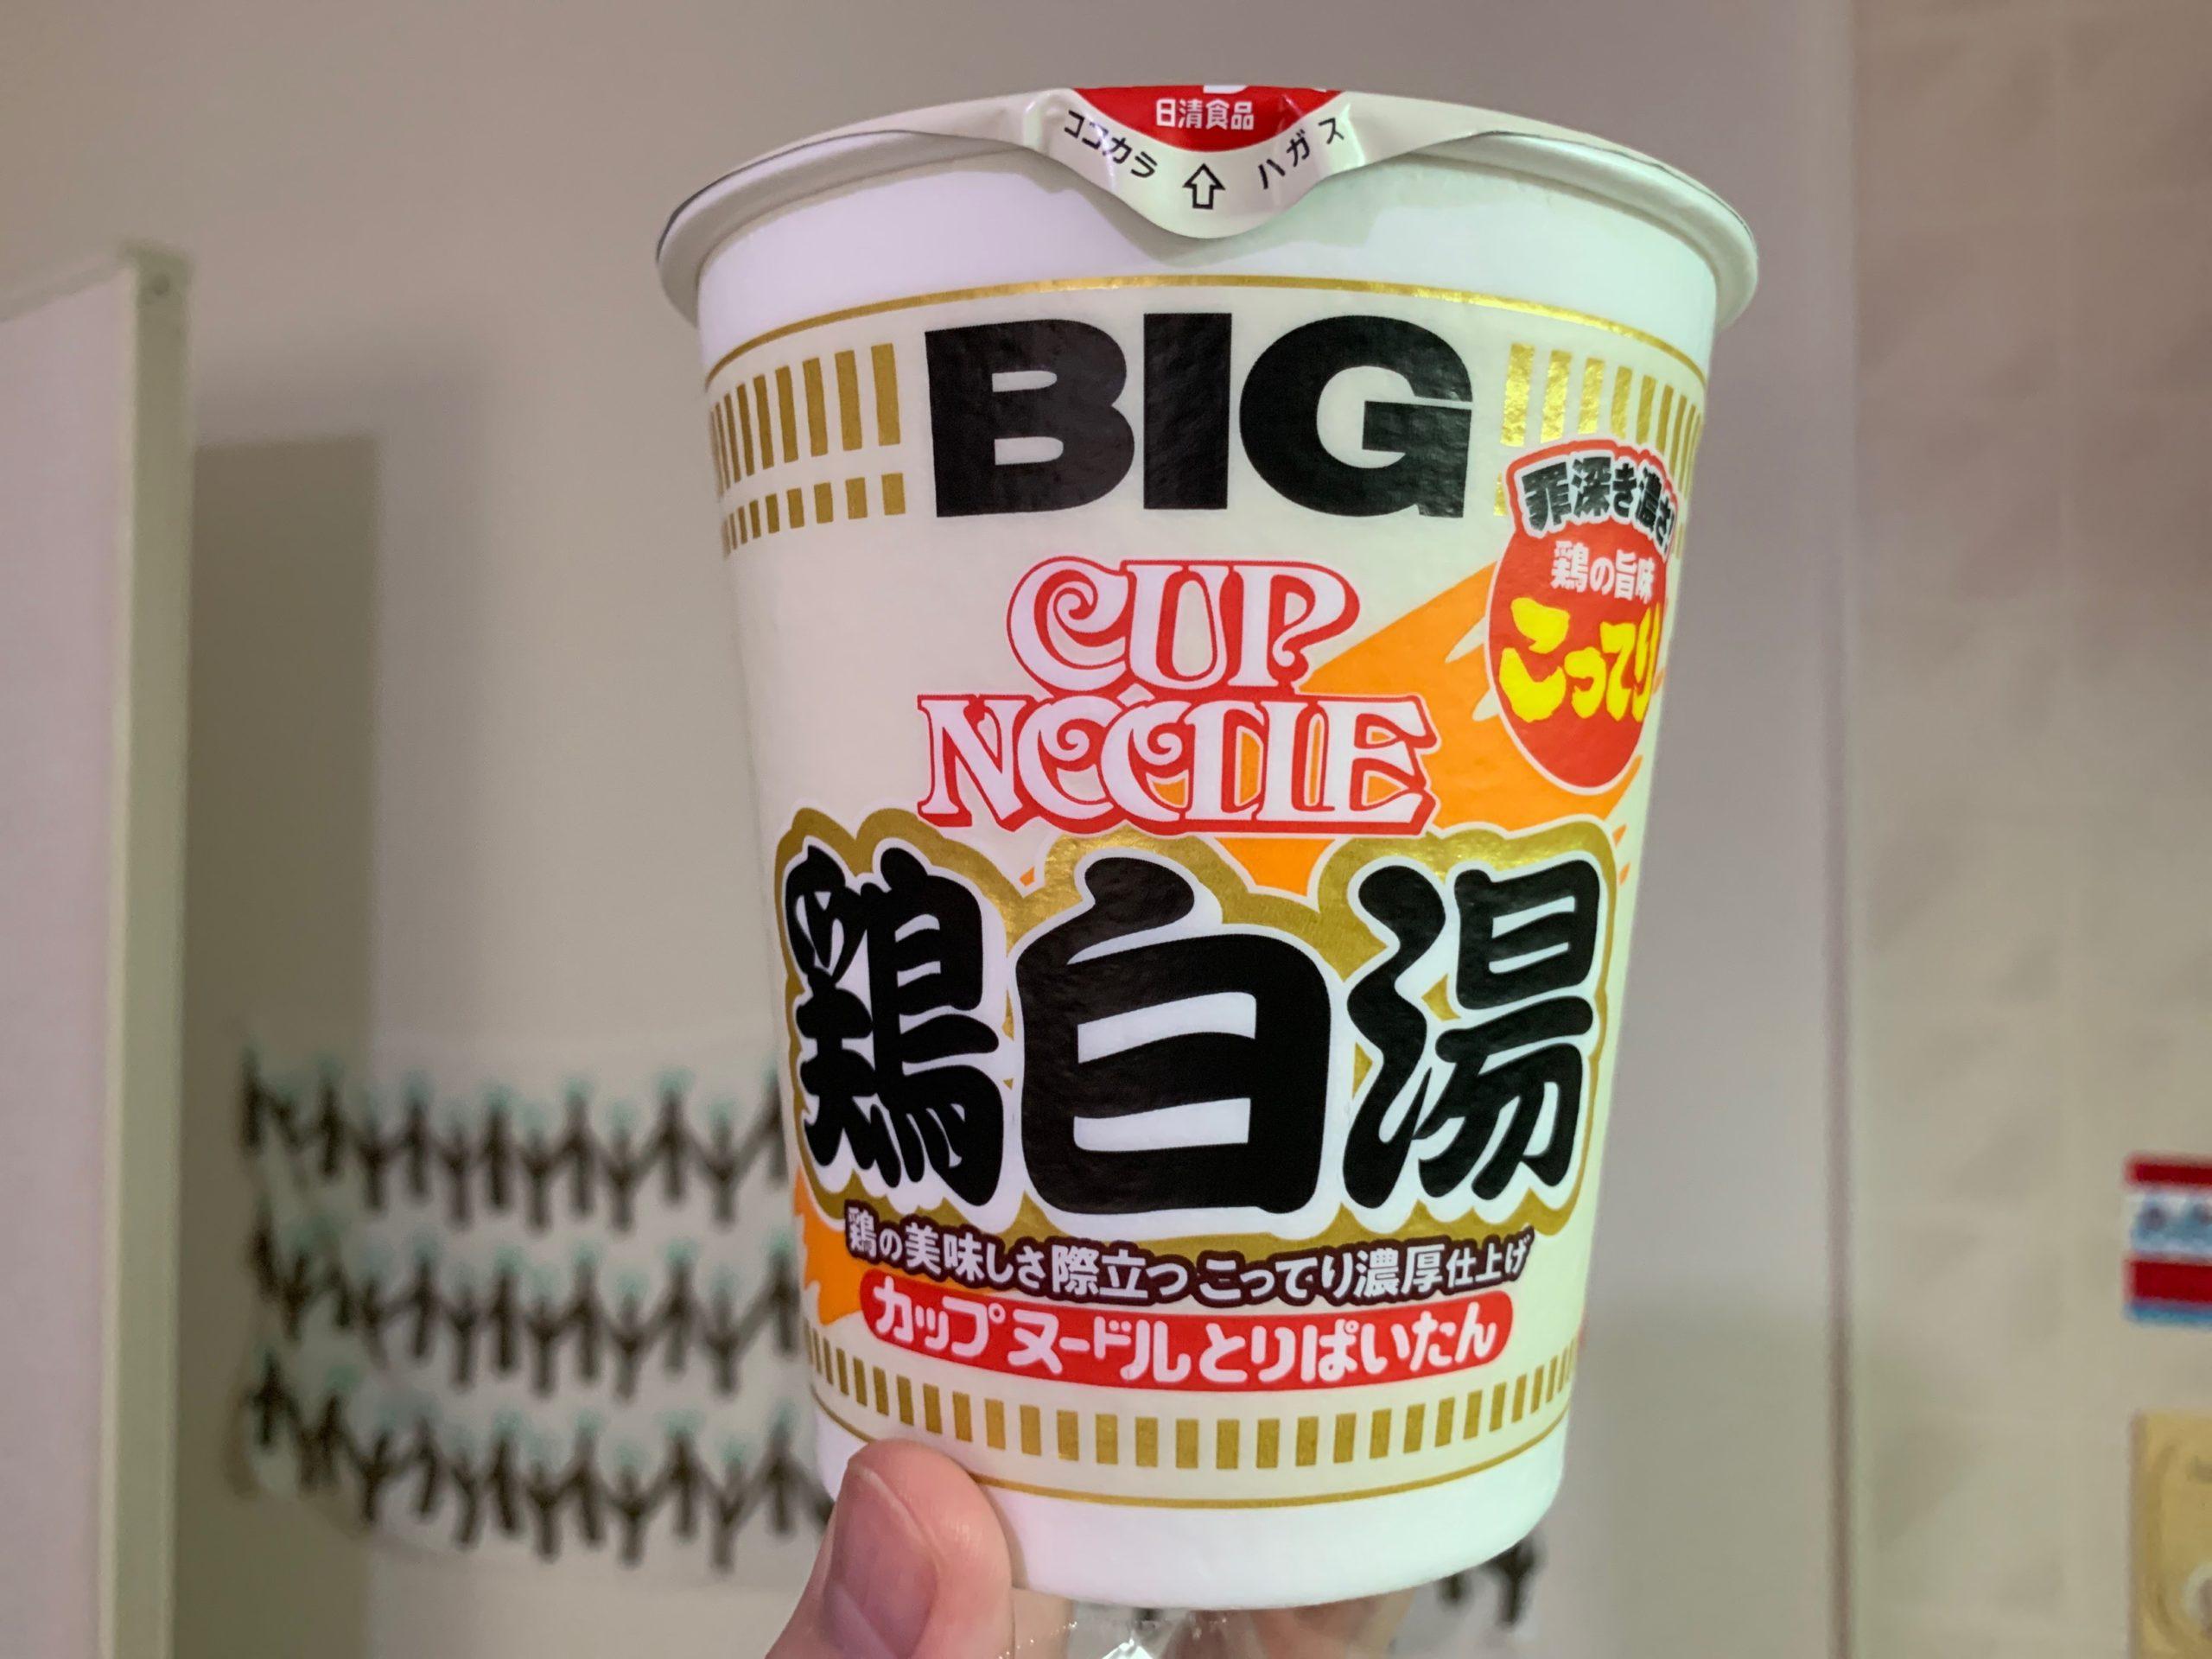 カップヌードル鶏白湯のパッケージ